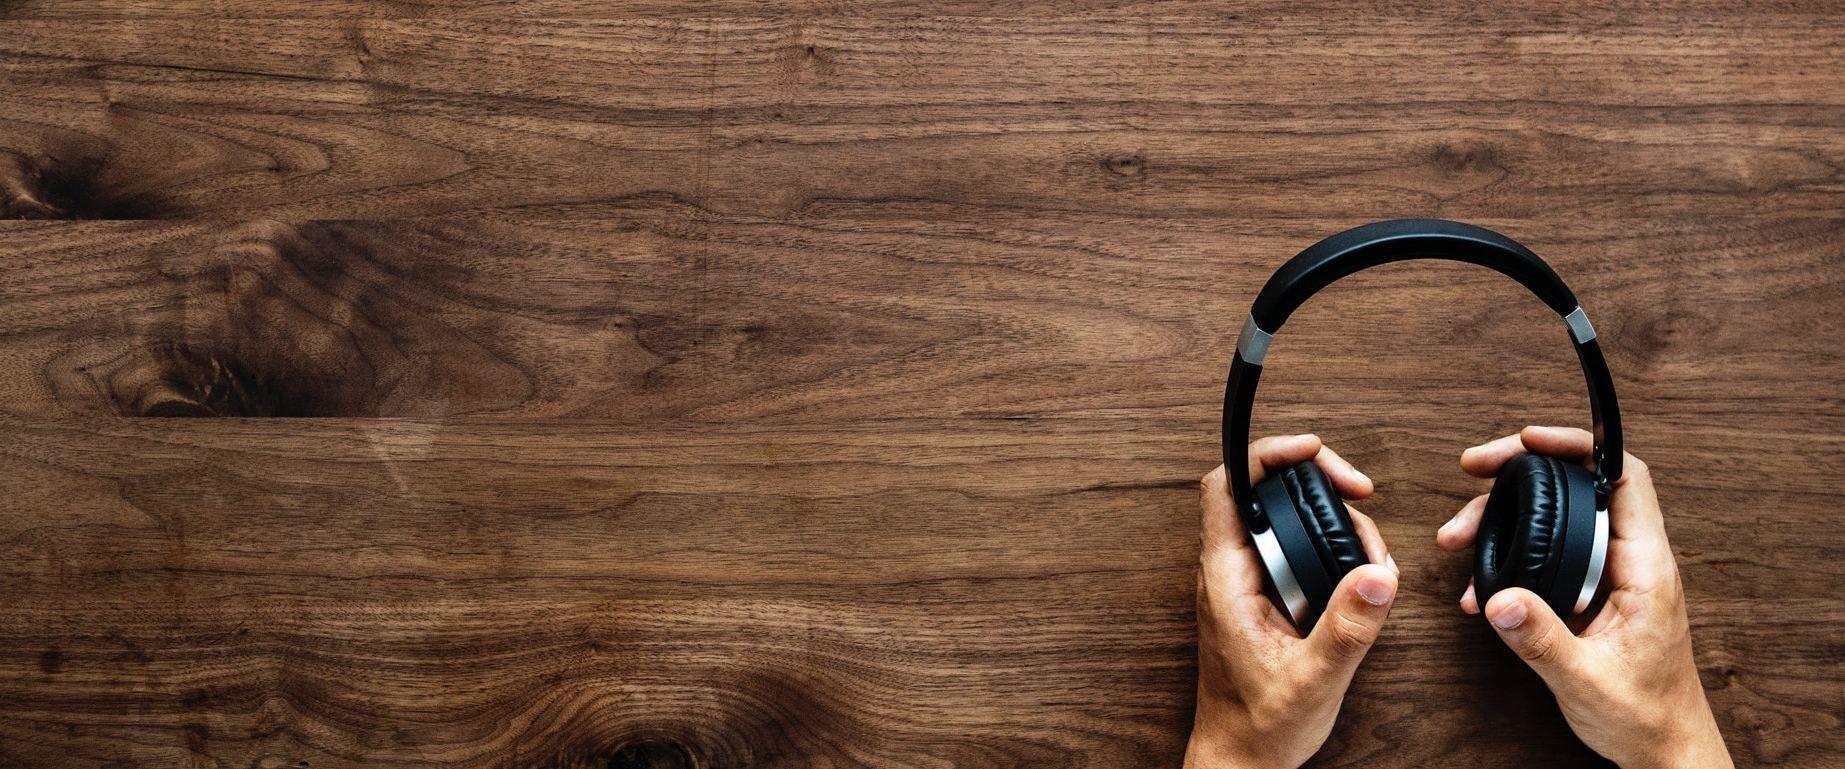 Auriculares sin cables. La industria de la música se ha favorecido mucho de la tecnología 'wireless'.